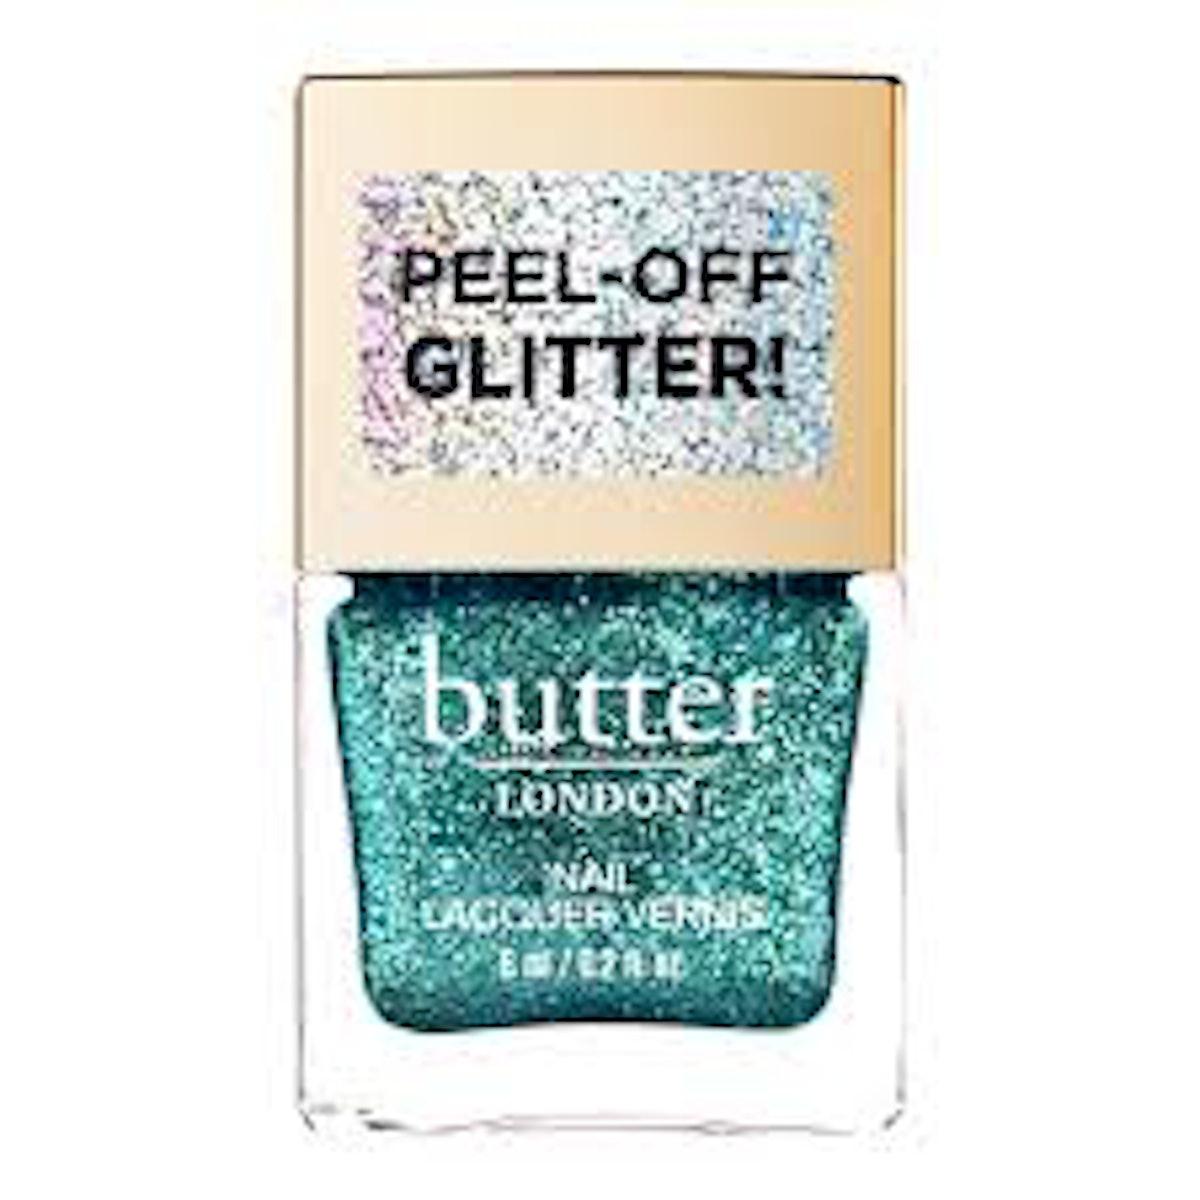 Aquatic Glazen Peel-Off Glitter Nail Polish